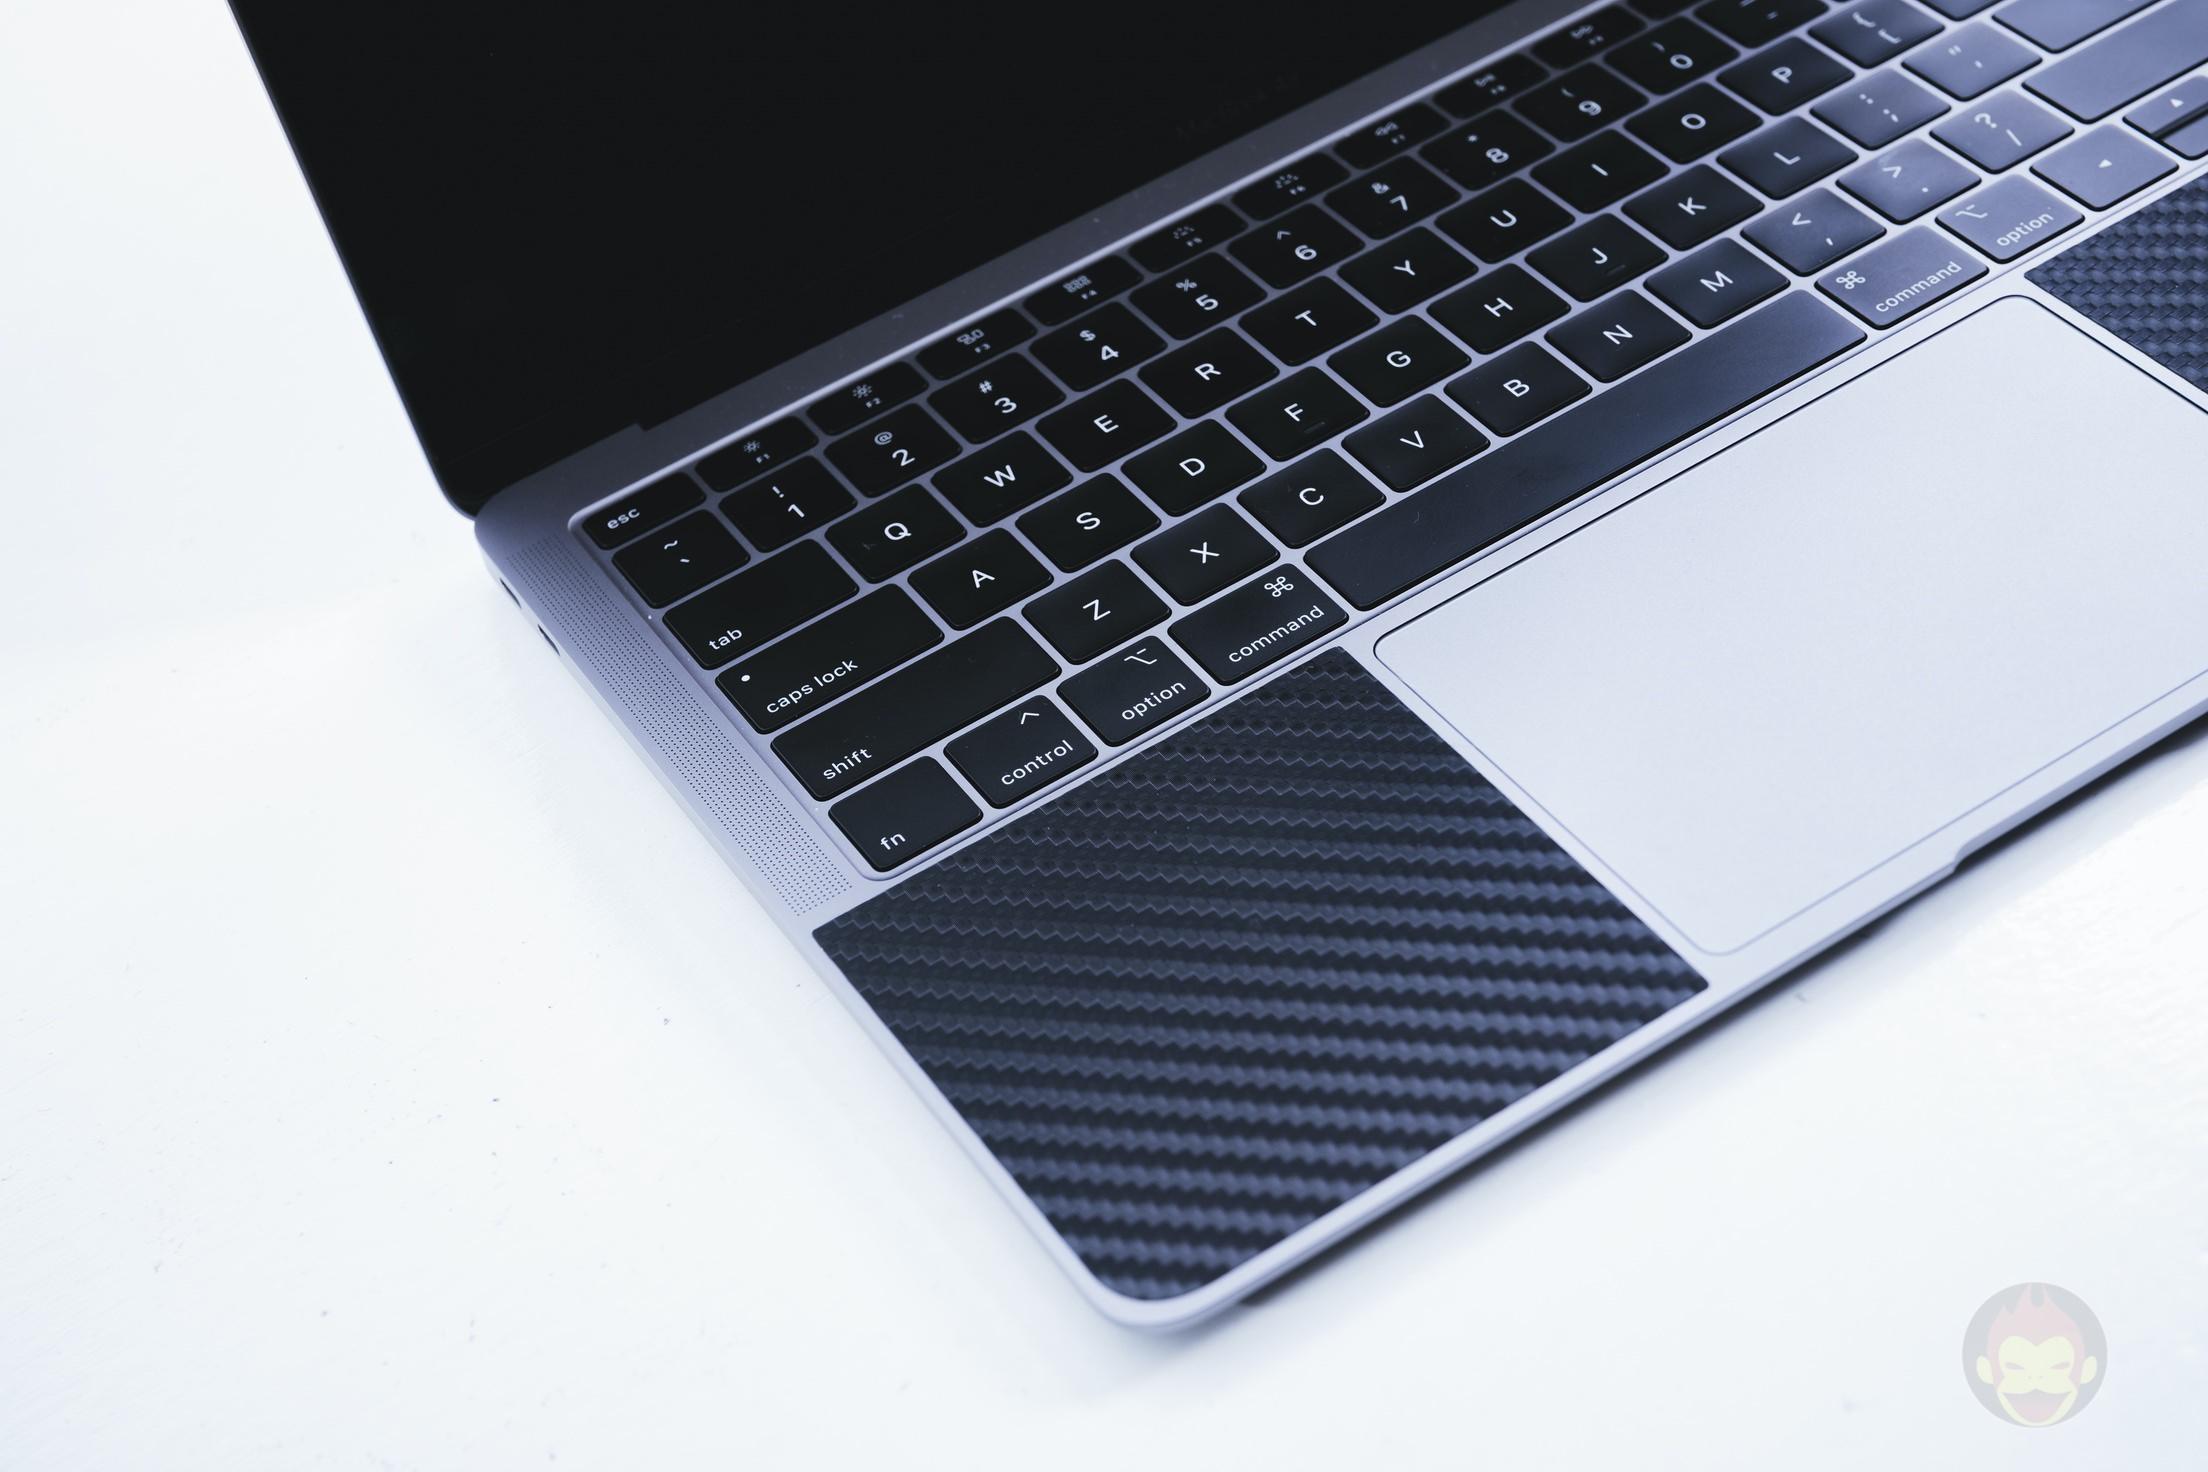 MacBook-Air-2018-GoriMe-Review-21.jpg